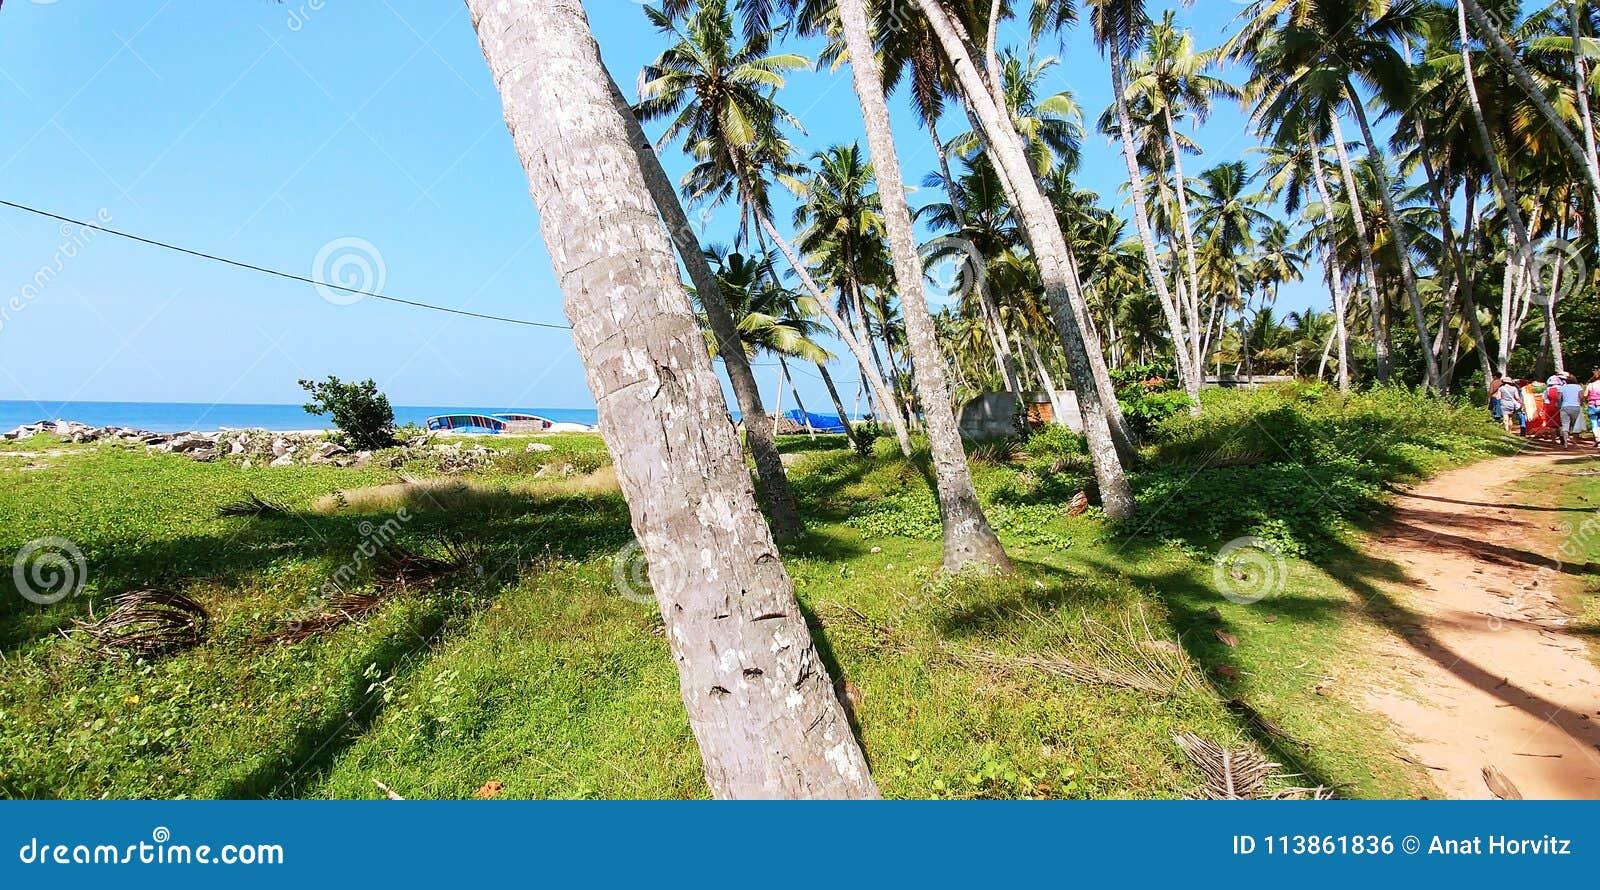 Foto Di Un Camino Acceso Árboles de coco al lado de un camino de acceso a un pueblo